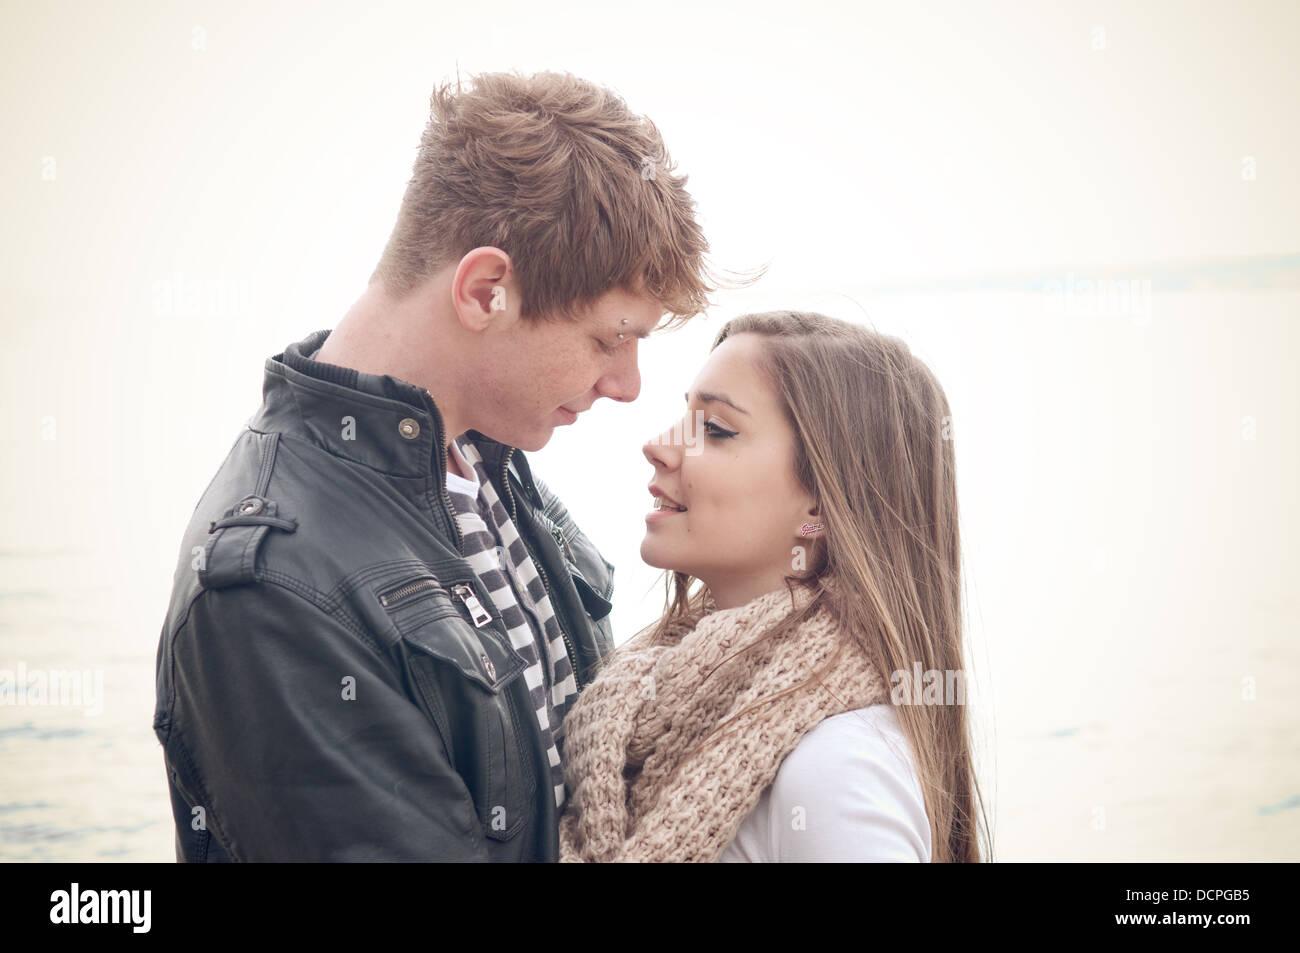 La pareja de adolescentes en el amor Imagen De Stock